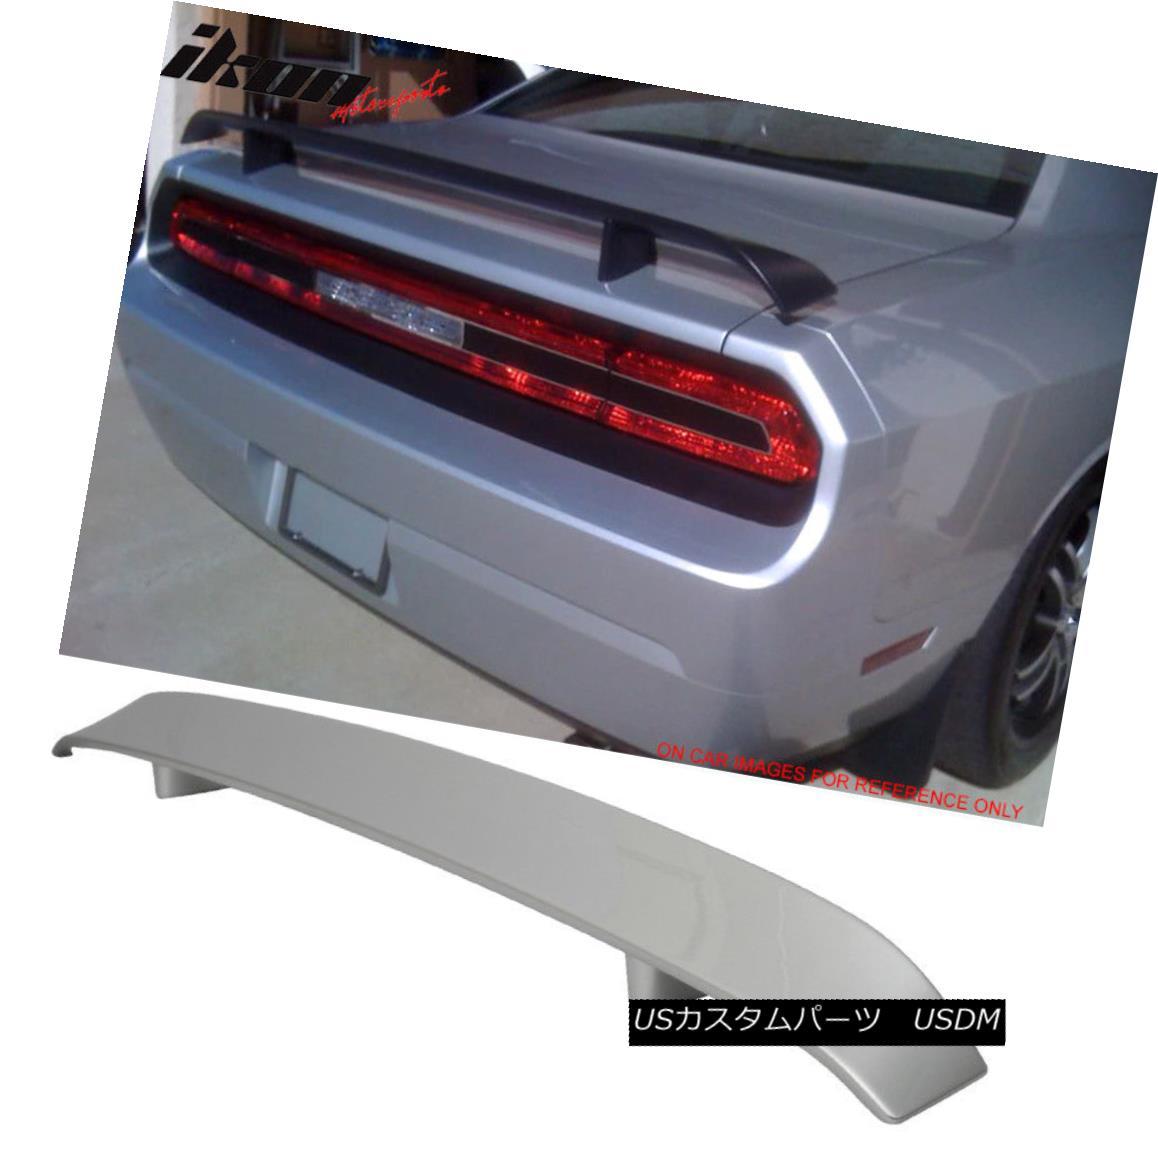 エアロパーツ 08-14 Dodge Challenger OE Trunk Spoiler Painted #PS2 Bright Silver Metallic 08-14ダッジチャレンジャーOEトランク・スポイラー#PS2ブライト・シルバー・メタリック